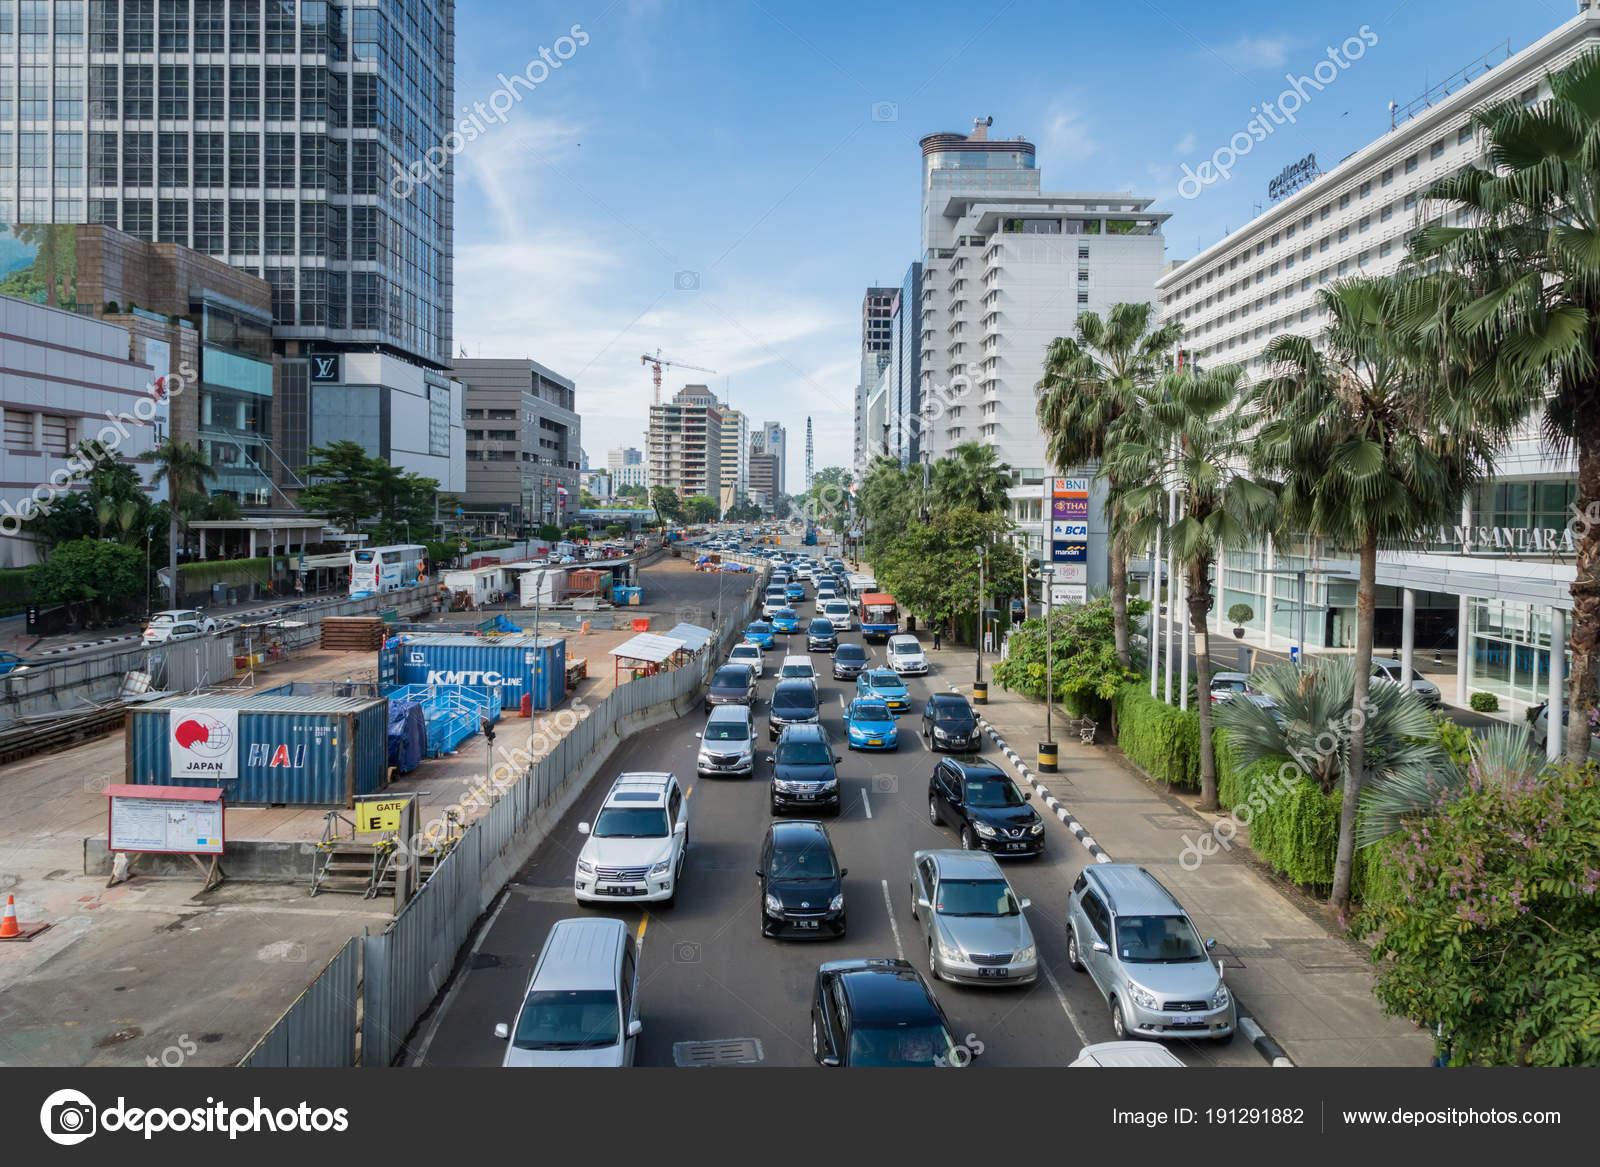 März 2019. Jakarta, sprich Dschakarta, ist die Hauptstadt von Indonesien.